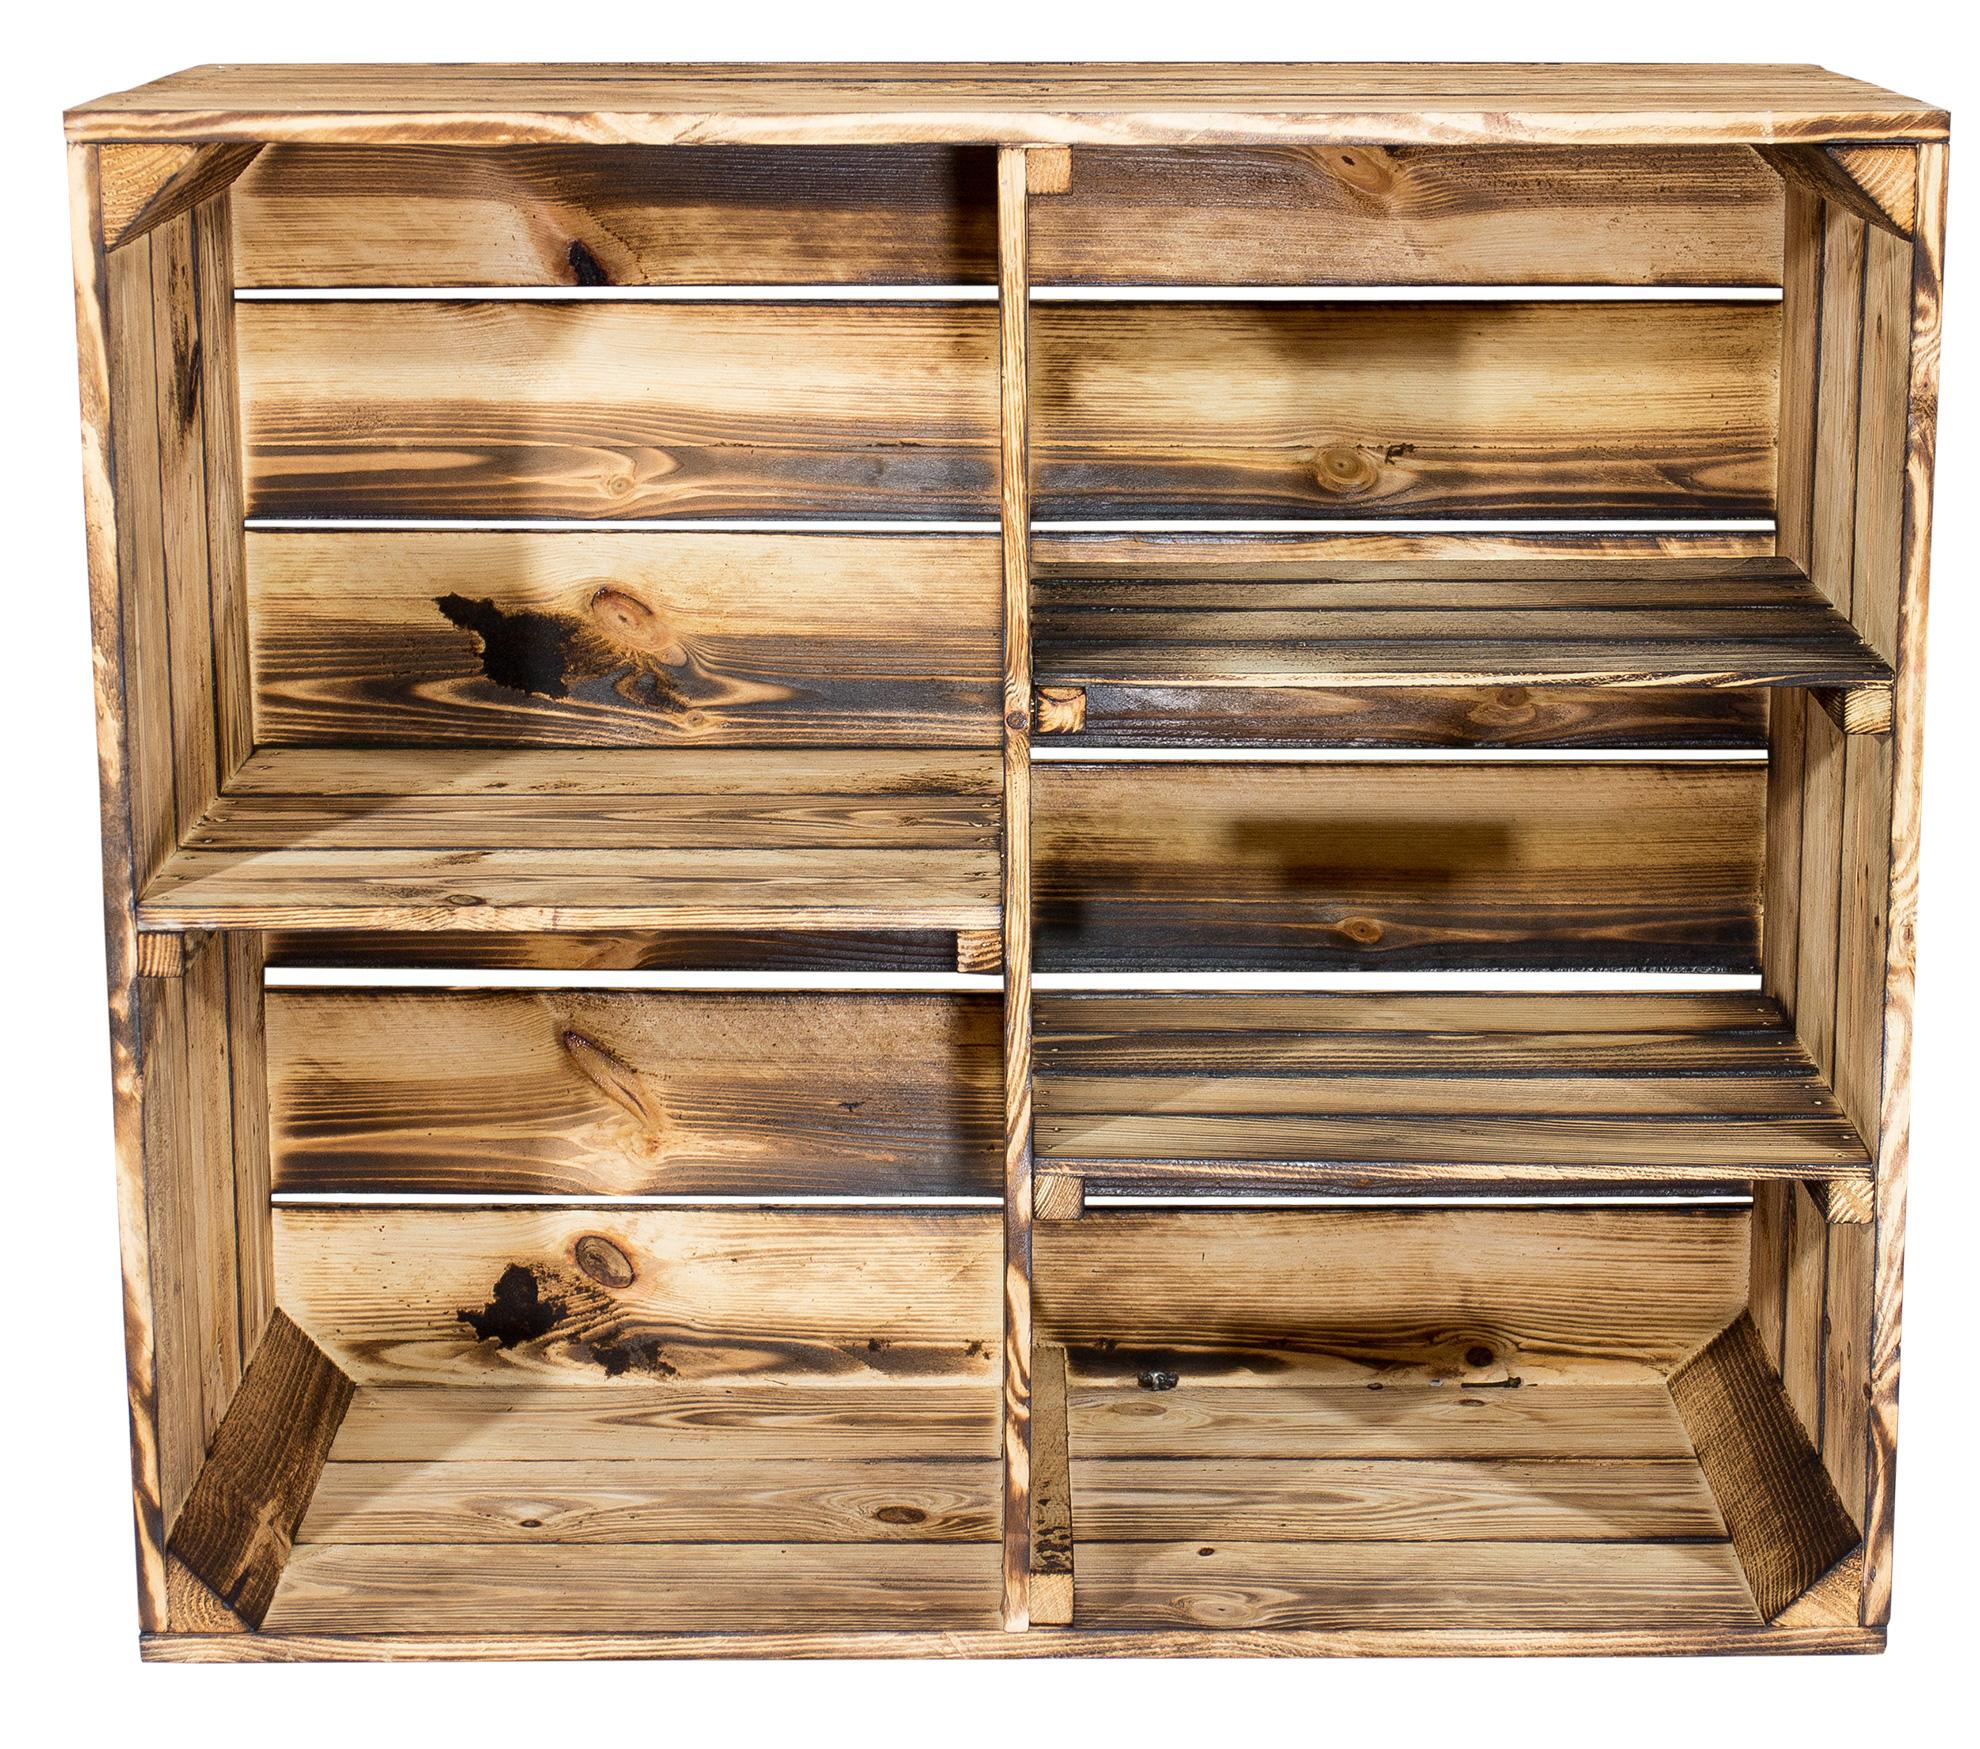 Flambiertes Holz: 3x Geflammter Holzschrank mit 3 Mittelbretter und ...